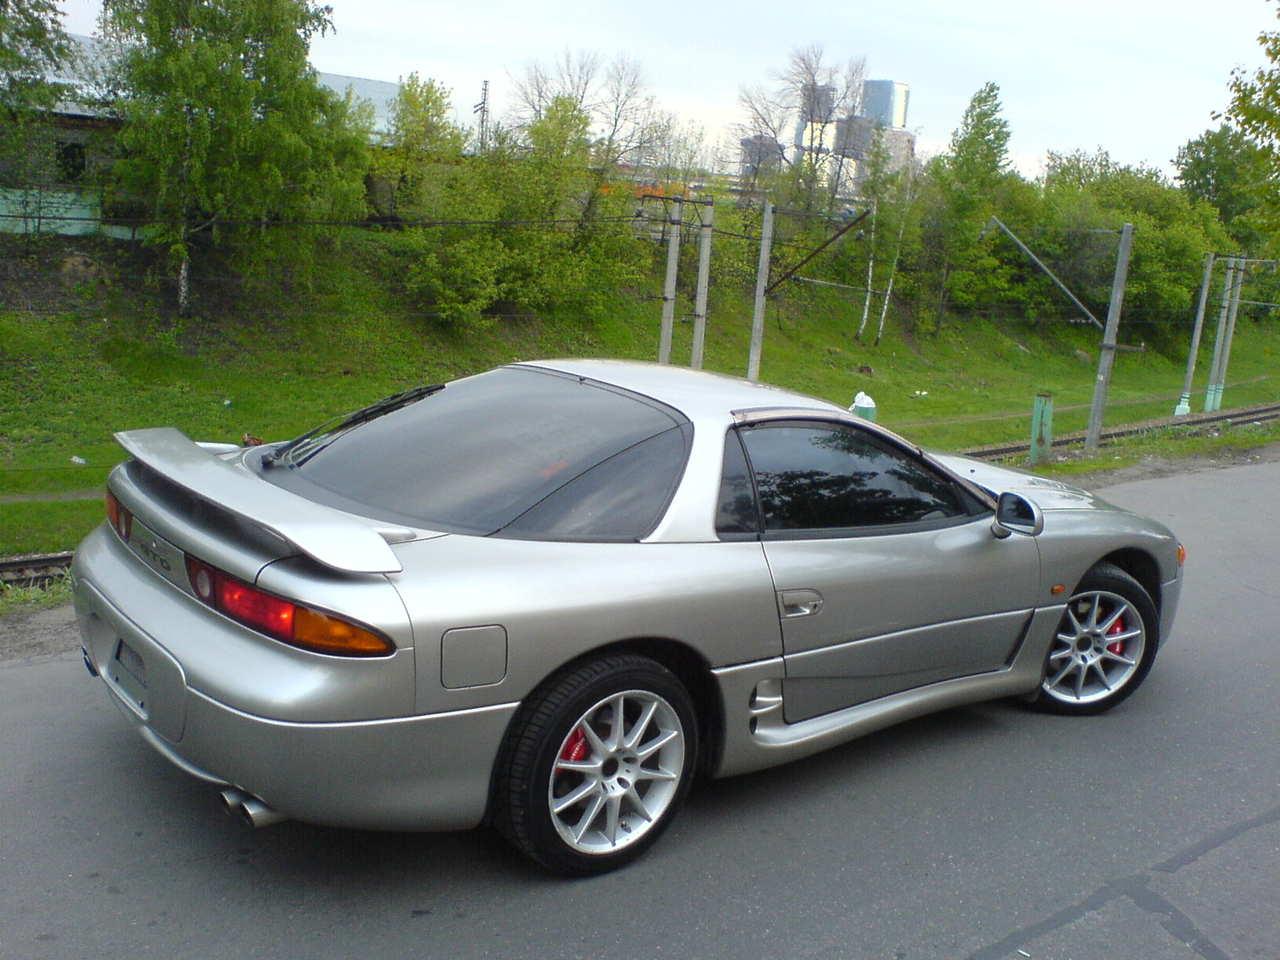 1998 Mitsubishi Gto Pics